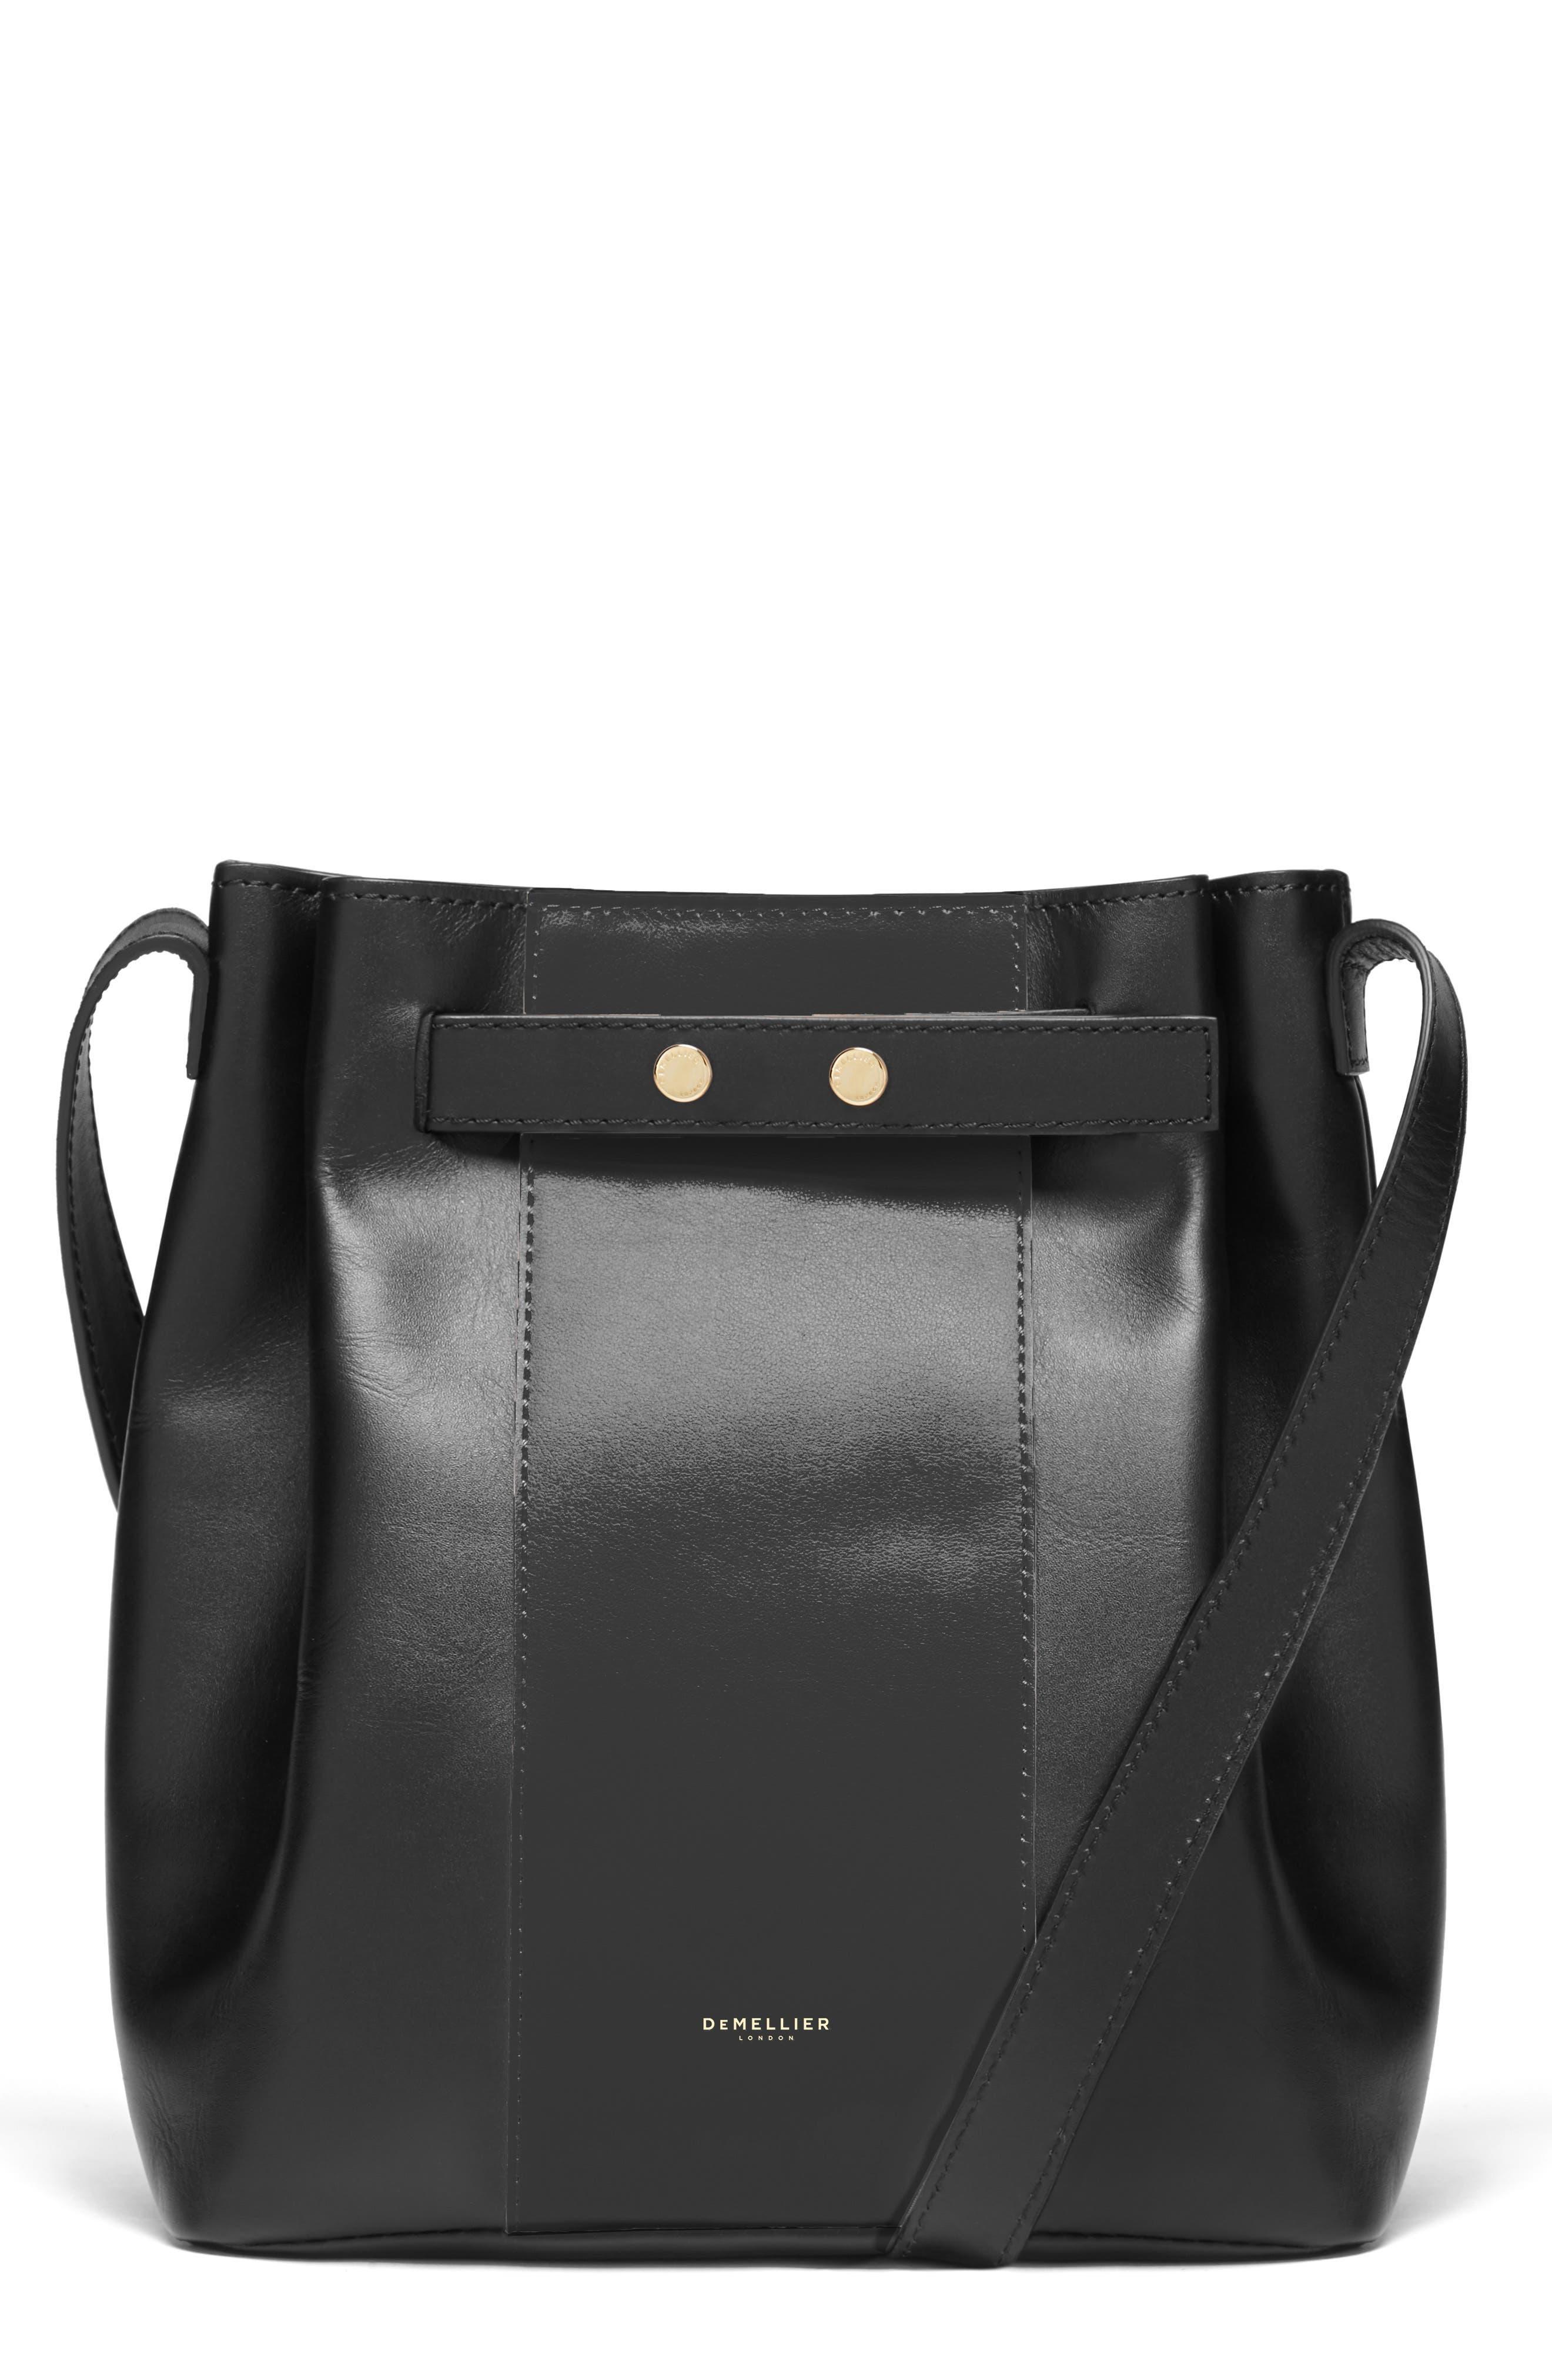 c4d92b9b4d6 Yellow Shoulder Bags | Nordstrom